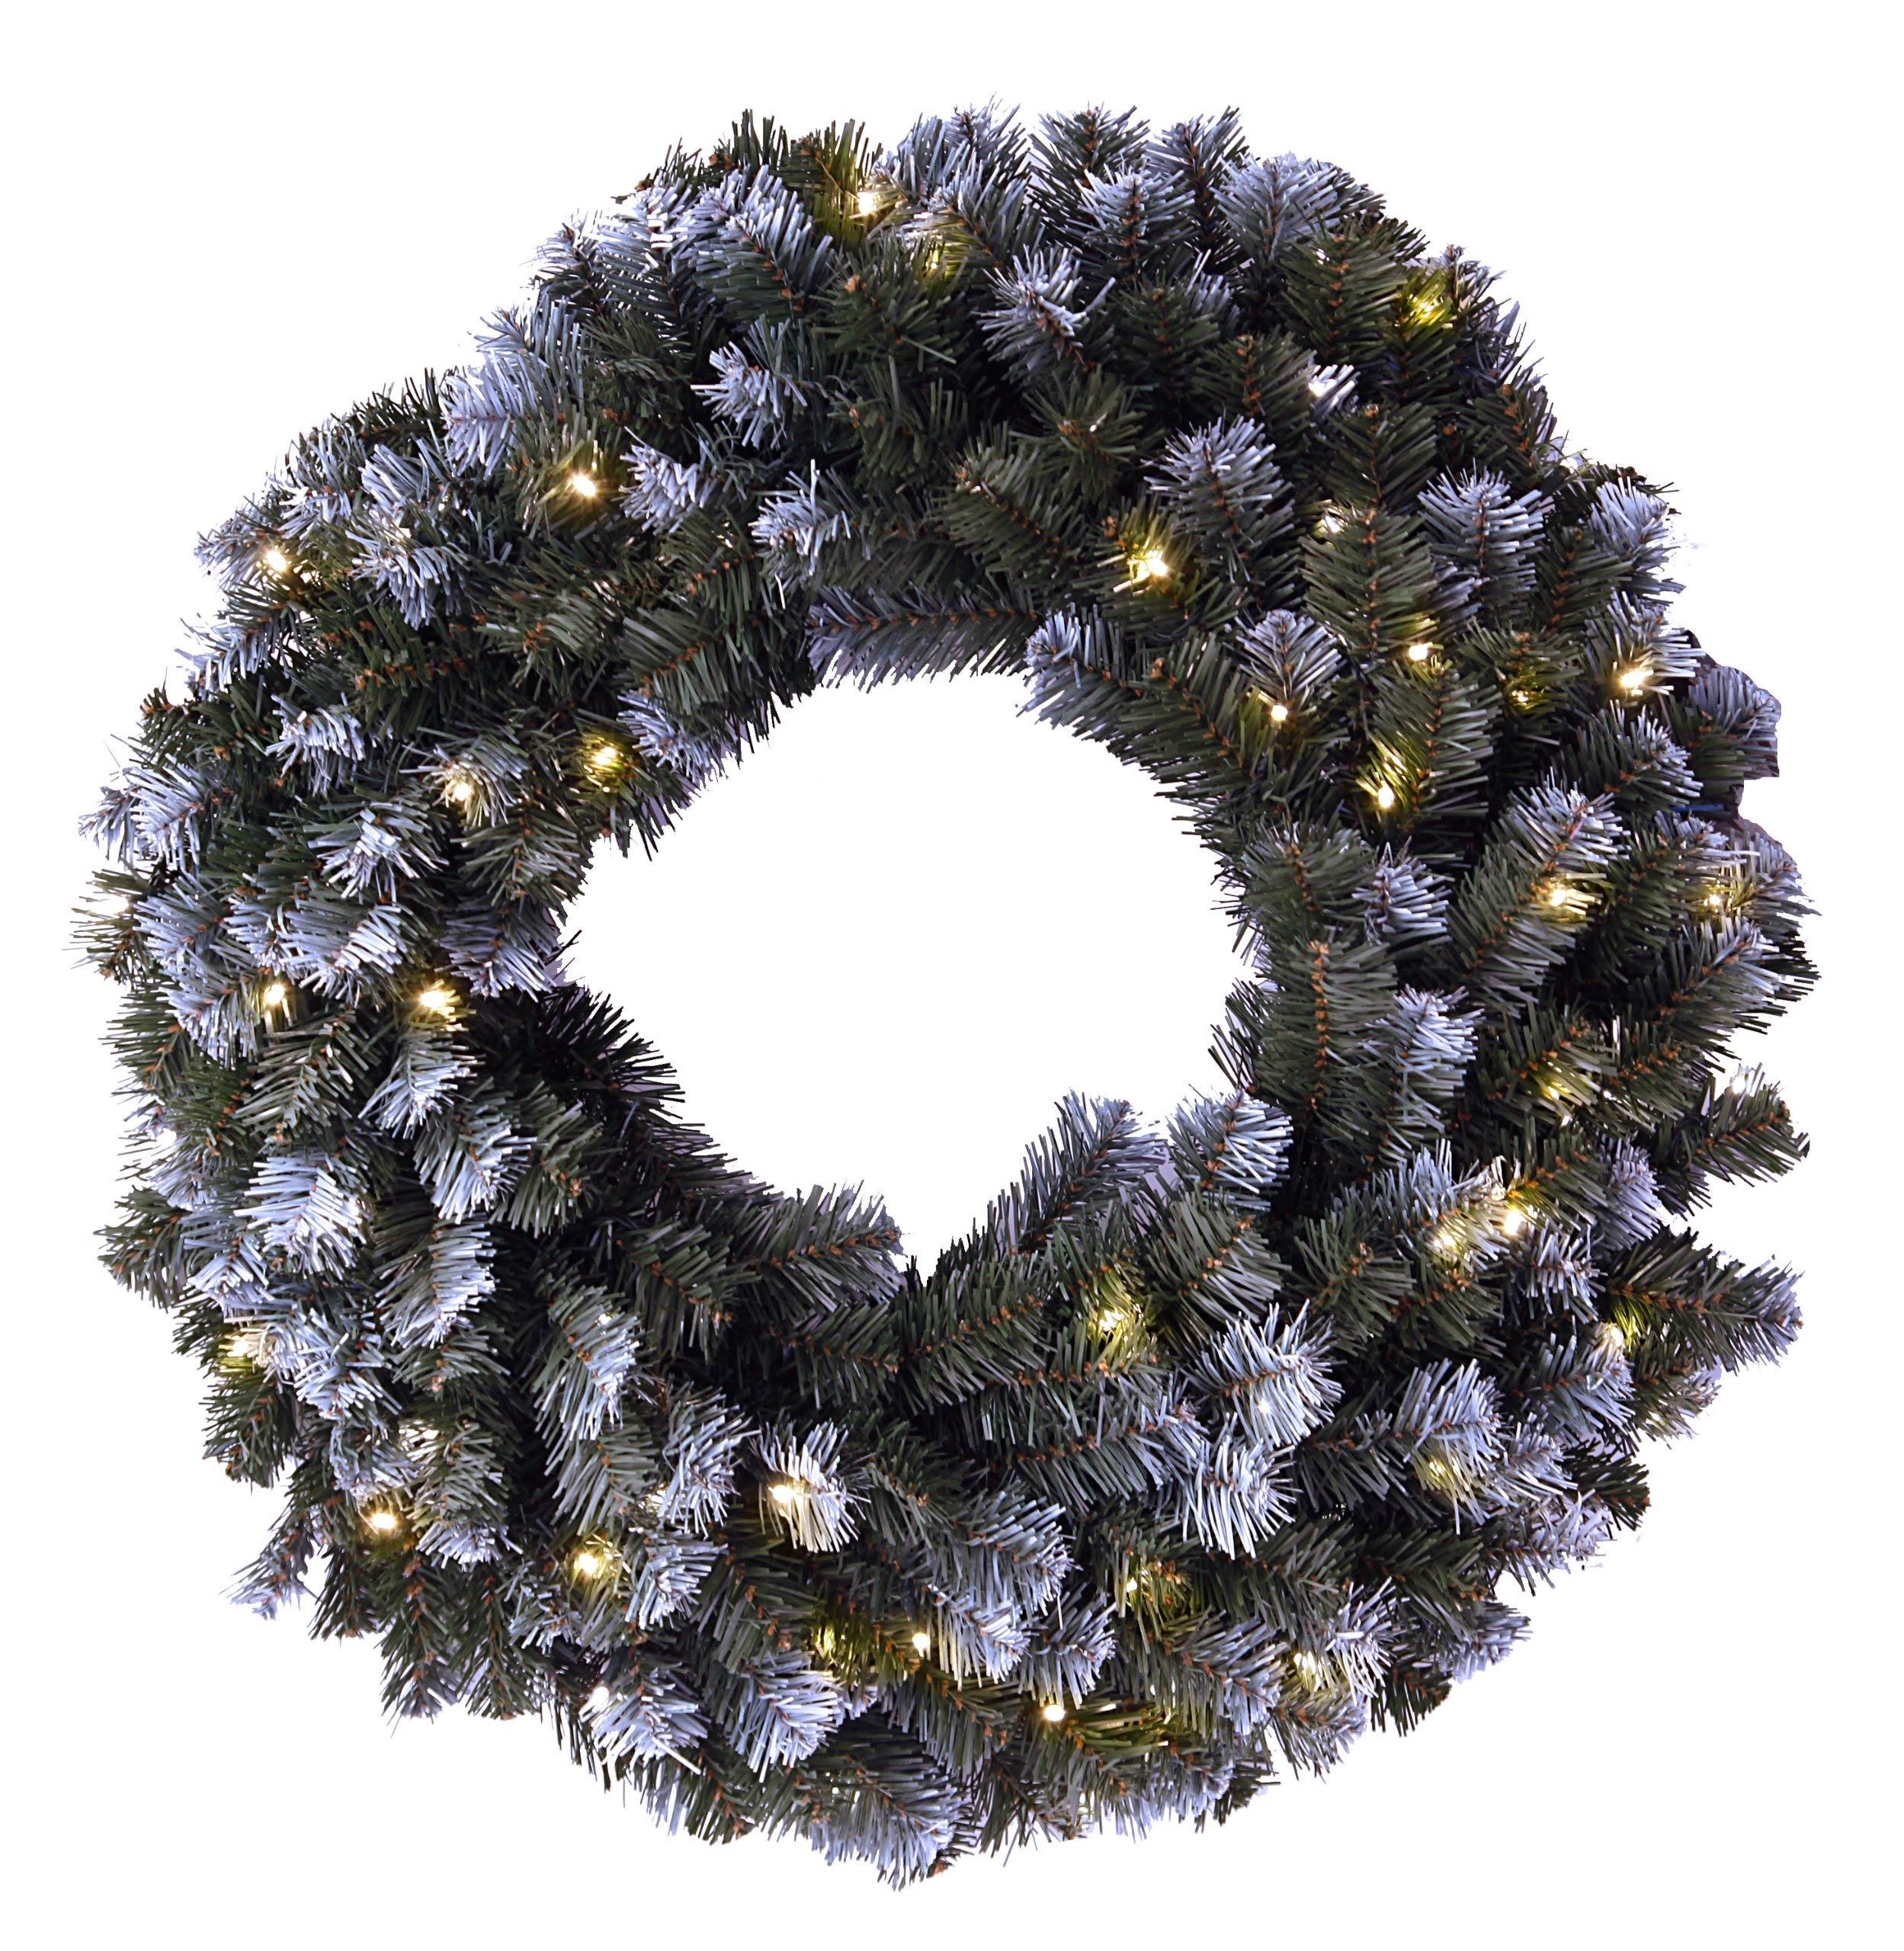 Best-Season-LED-Tannenkranz-mit-Schneedecor-beleuchtet-Durchmesser-circa-70-cm-60-warm-wei-LED-outdoor-612-11